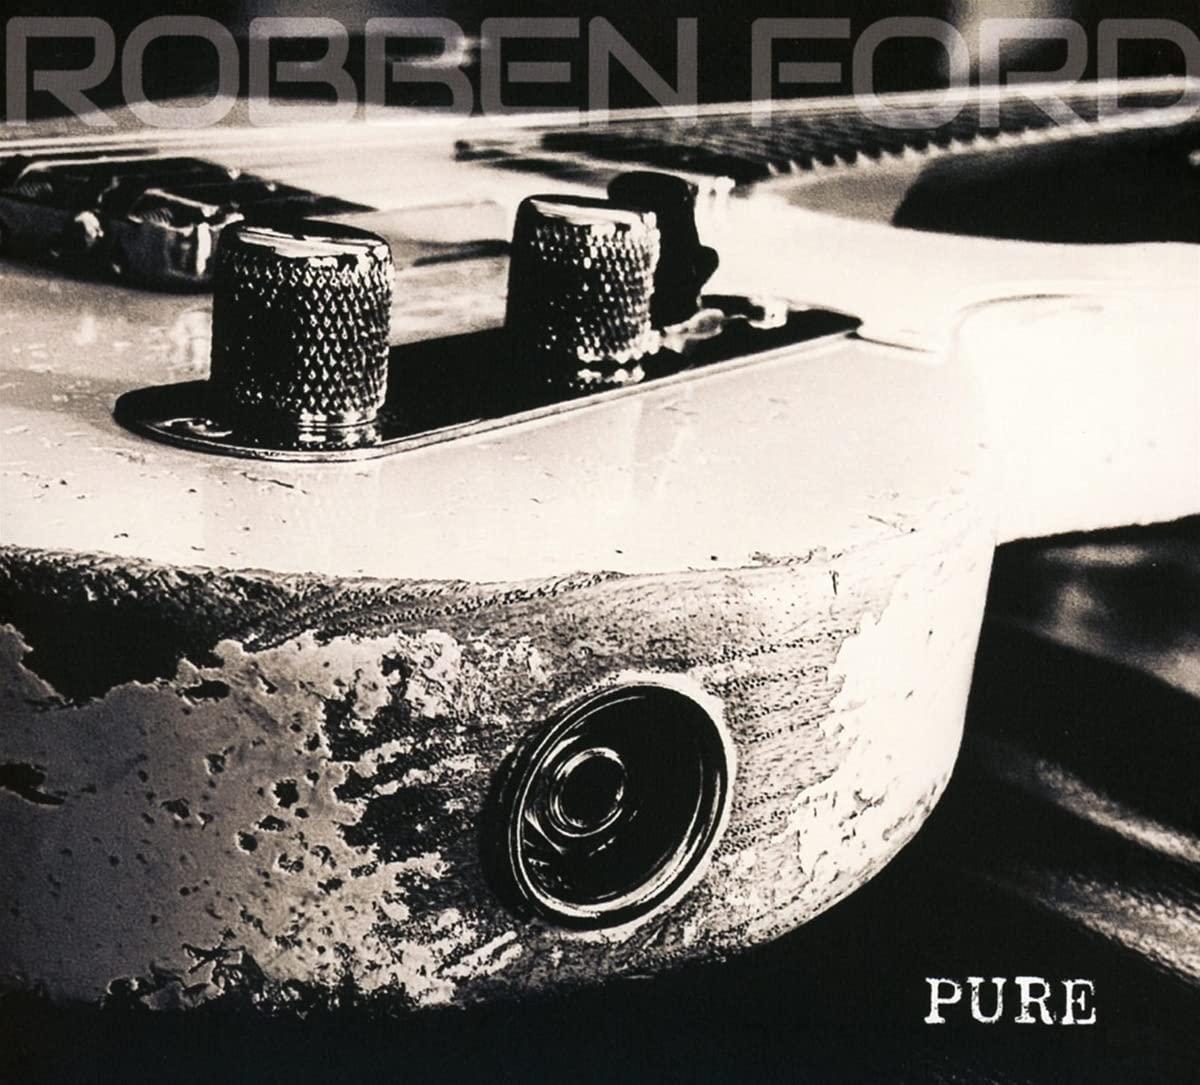 """Ein instrumentales Album zeigt den """"puren"""" Robben Ford"""